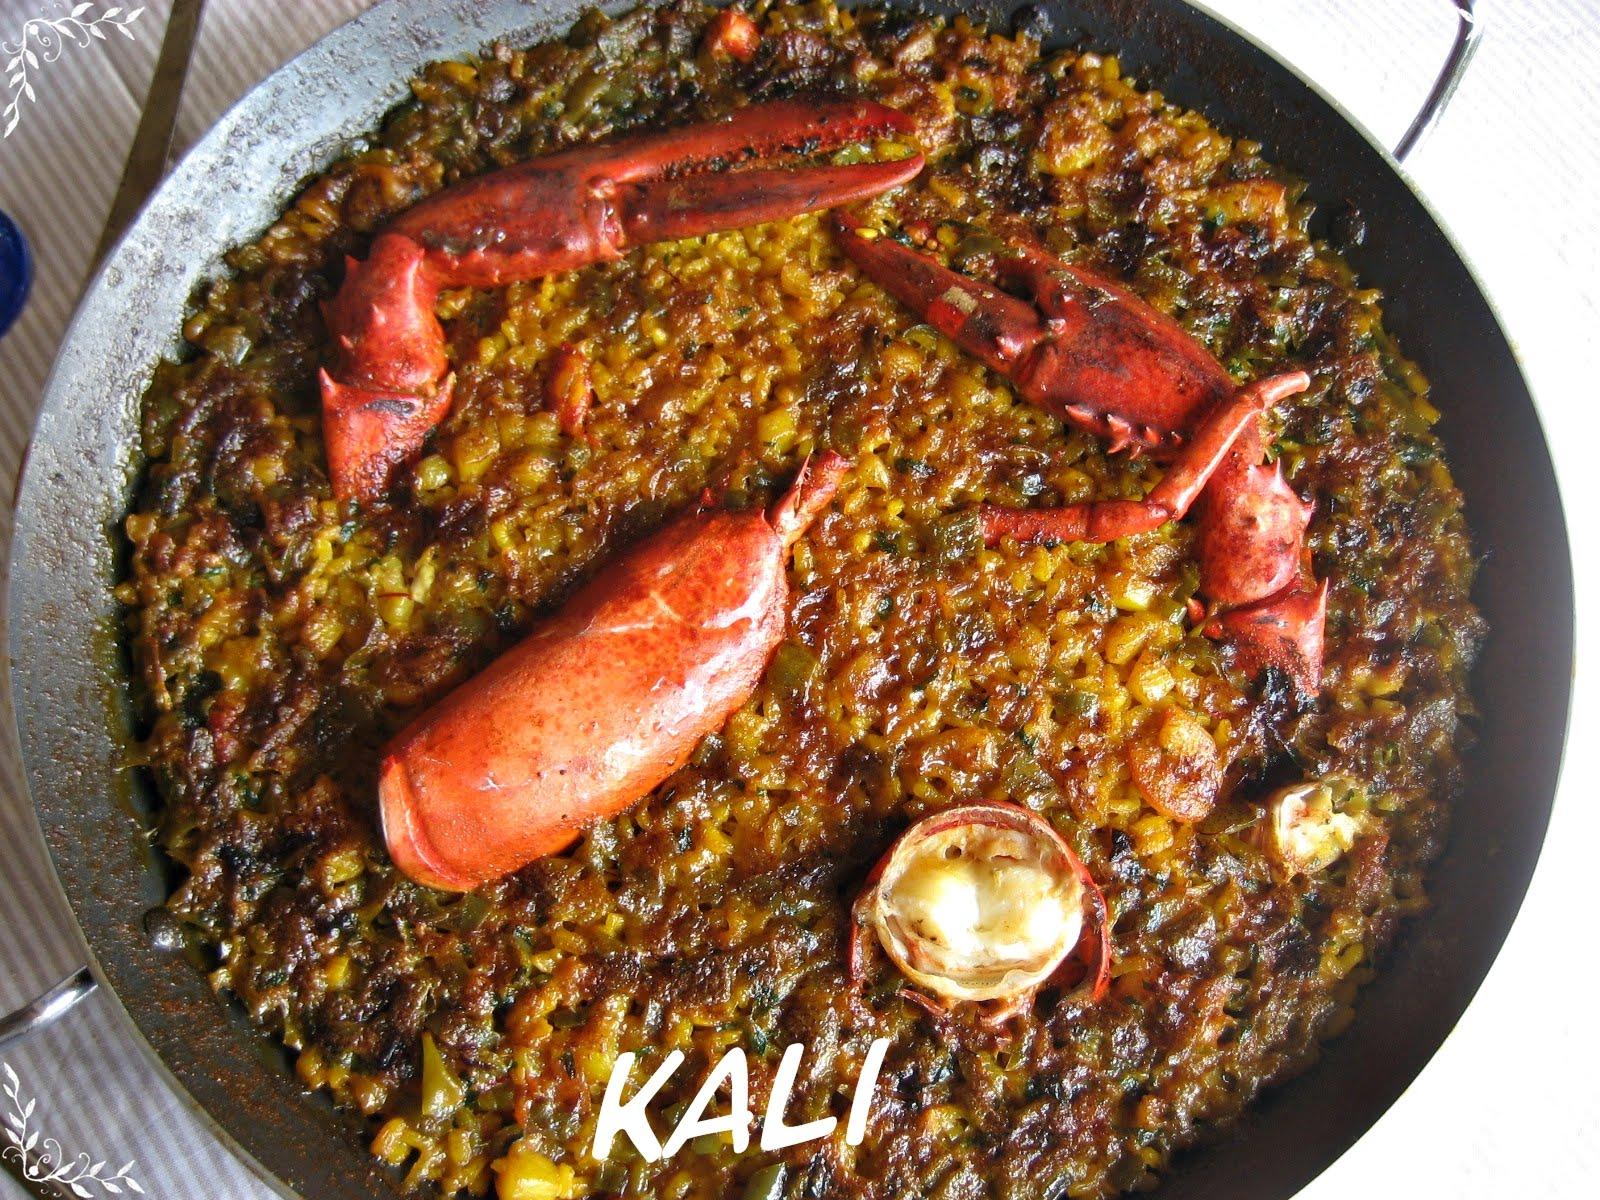 Recetas y trucos de cocina arroz al horno con bogavante - Receta bogavante al horno ...